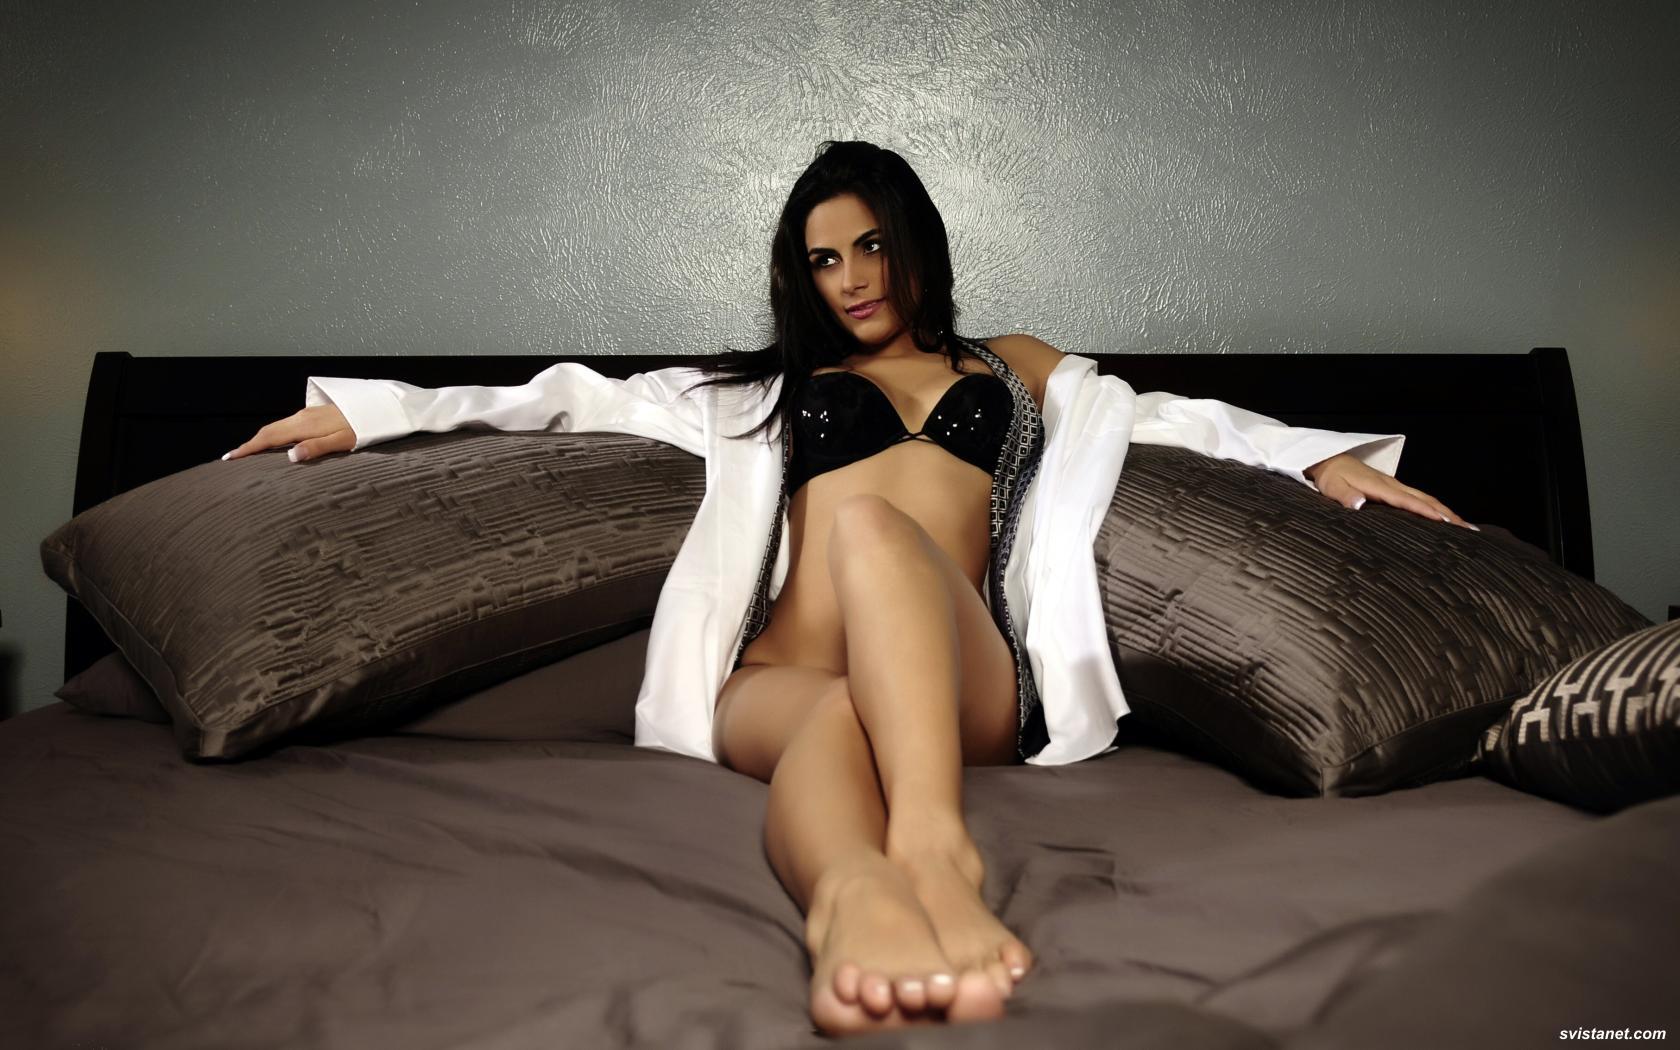 chi-to-zheni-v-posteli-golie-spustil-na-grud-porno-foto